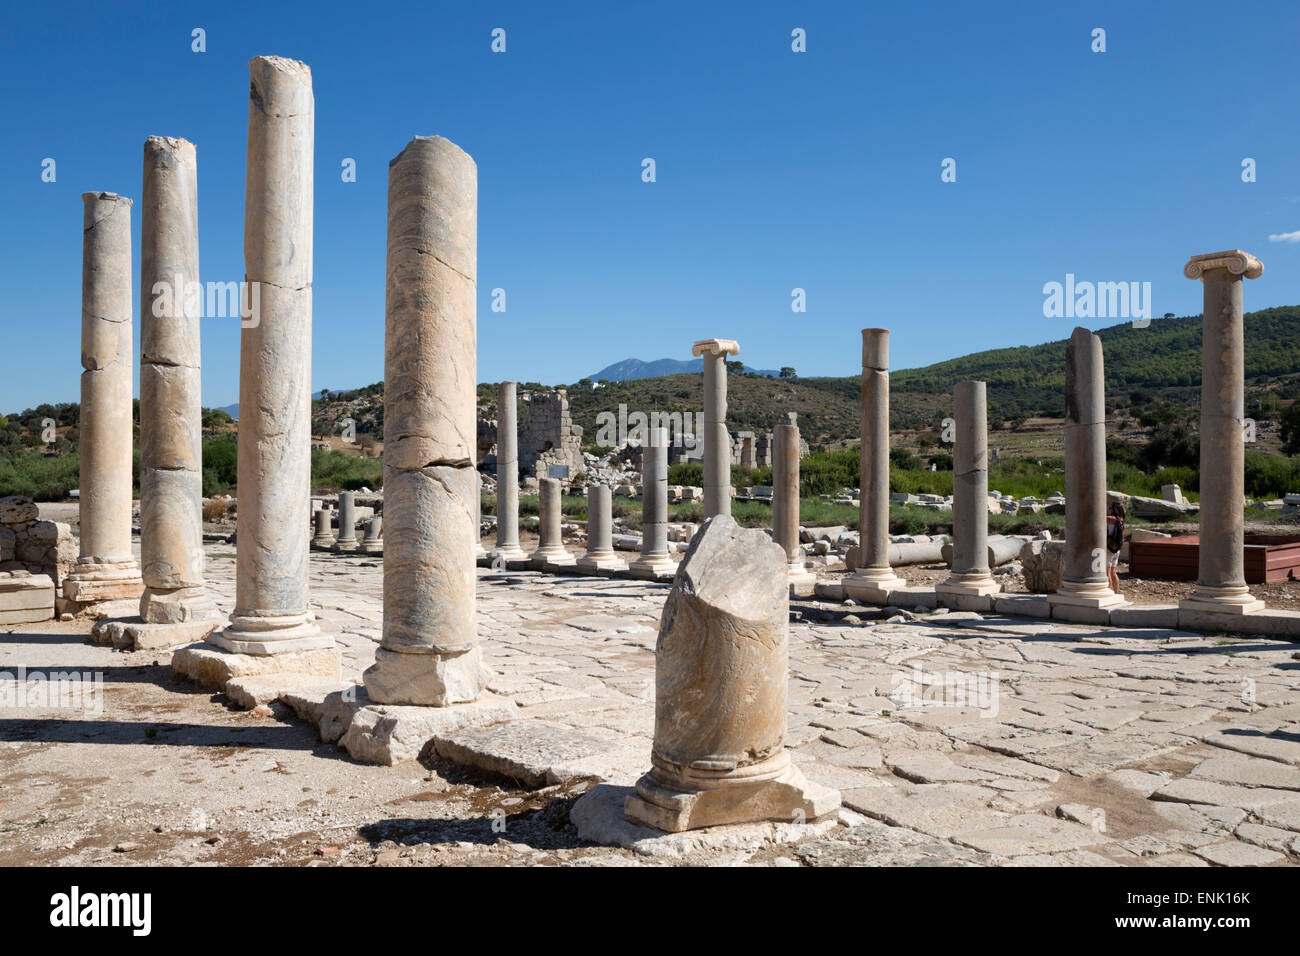 Ruined colonnaded Main Street, Patara, near Kalkan, Lycia, Antalya Province, Southwest Turkey, Anatolia, Turkey - Stock Image